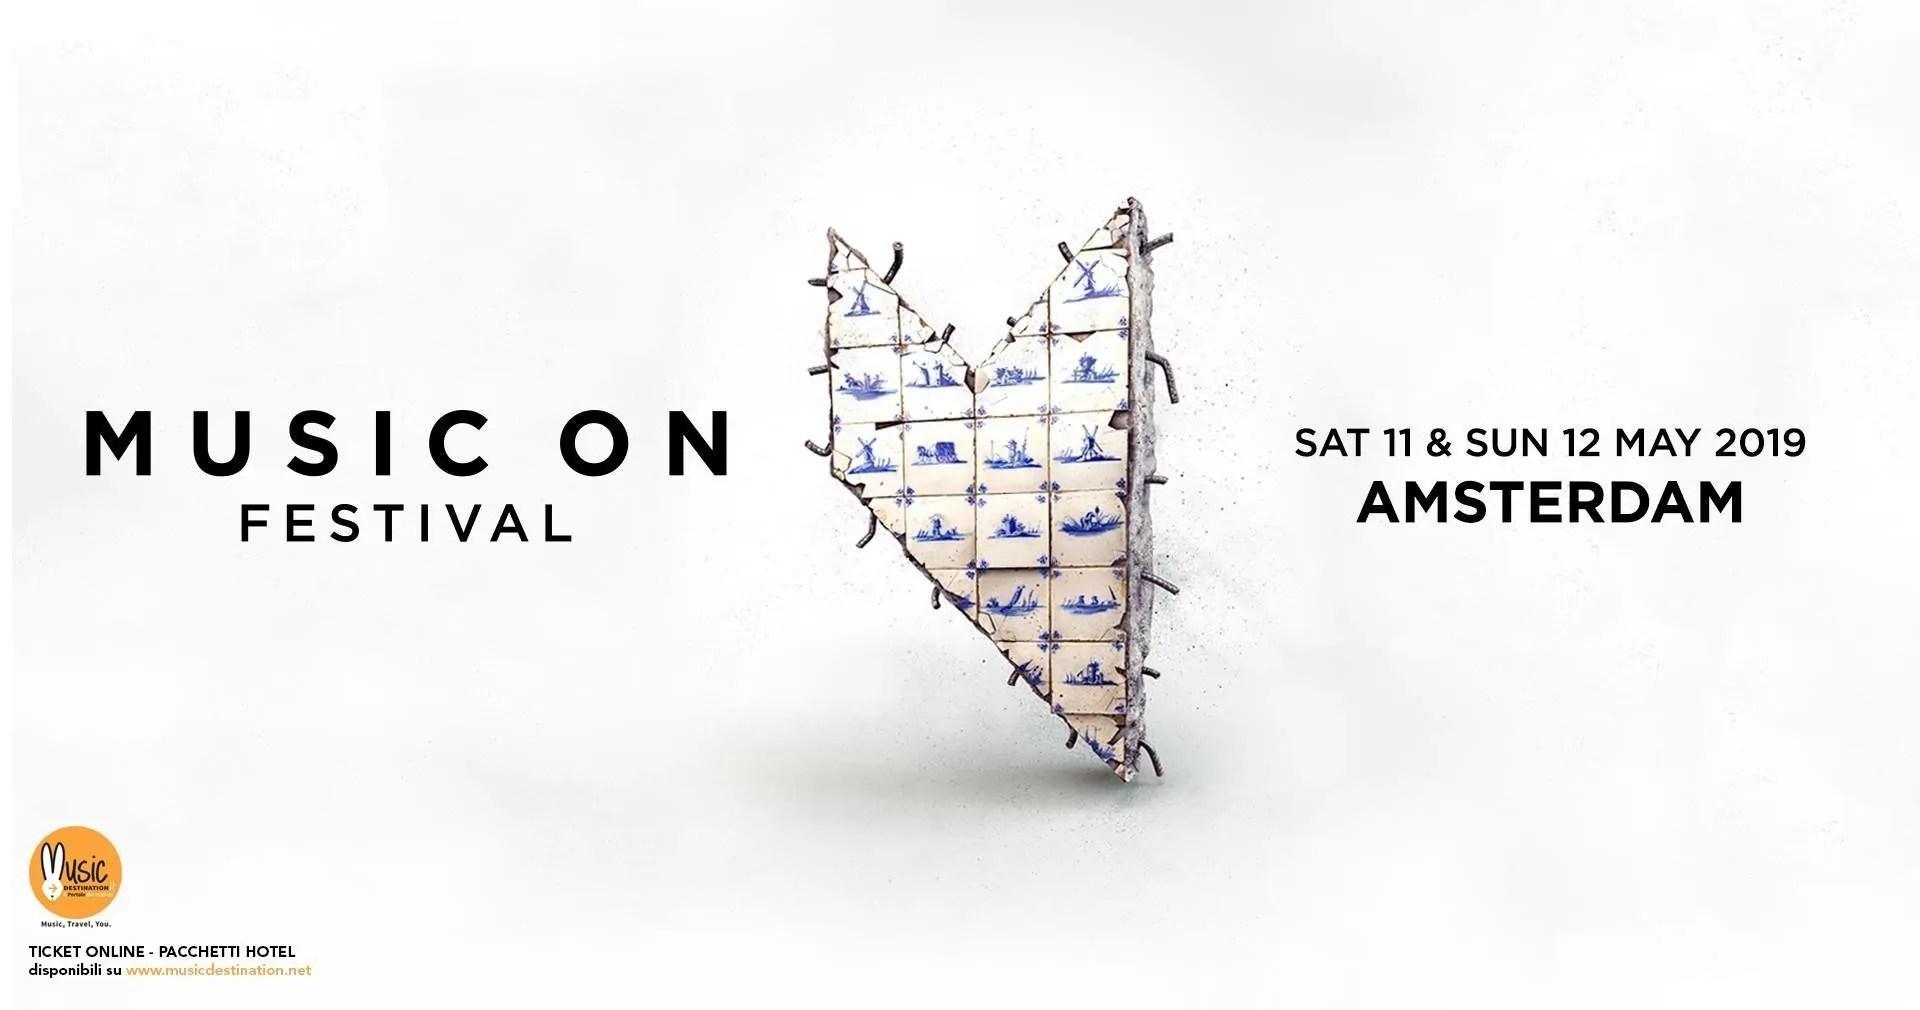 MUSIC ON FESTIVAL 2019 AMSTERDAM 11 – 12 Maggio 2019 + PREZZI TICKET/BIGLIETTI PACCHETTI HOTEL VOLO